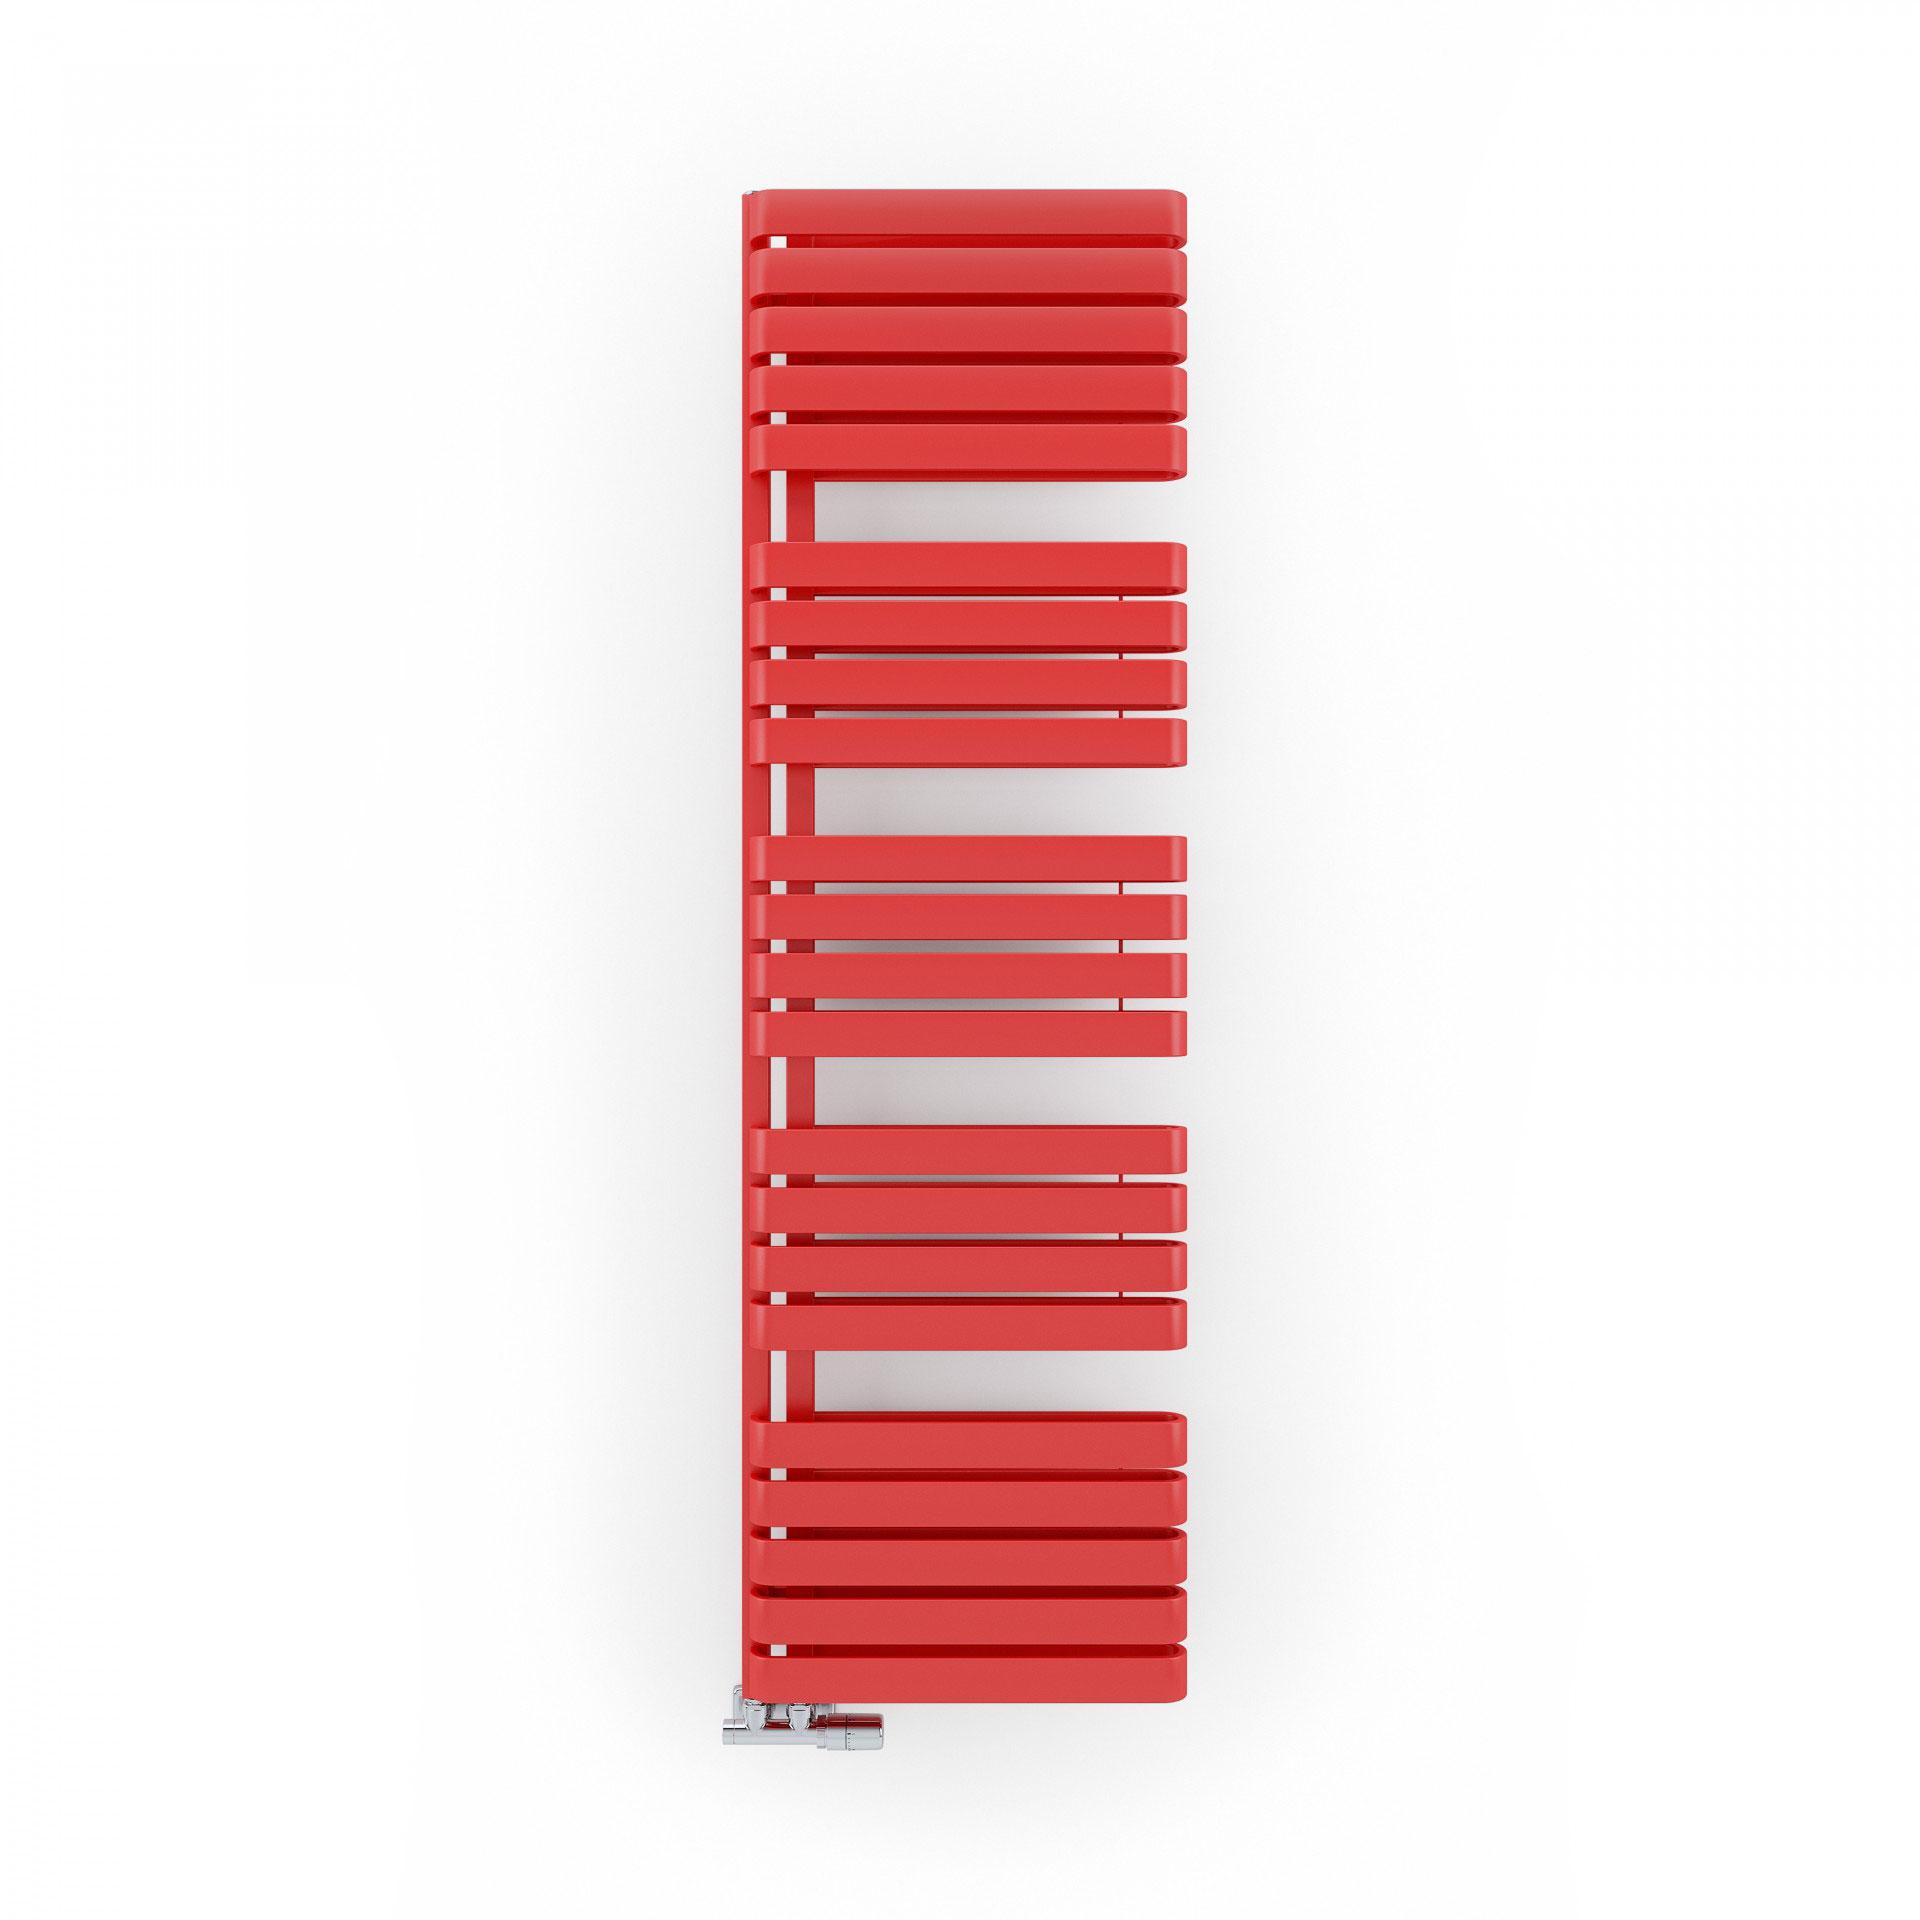 Colour: Soft 3028